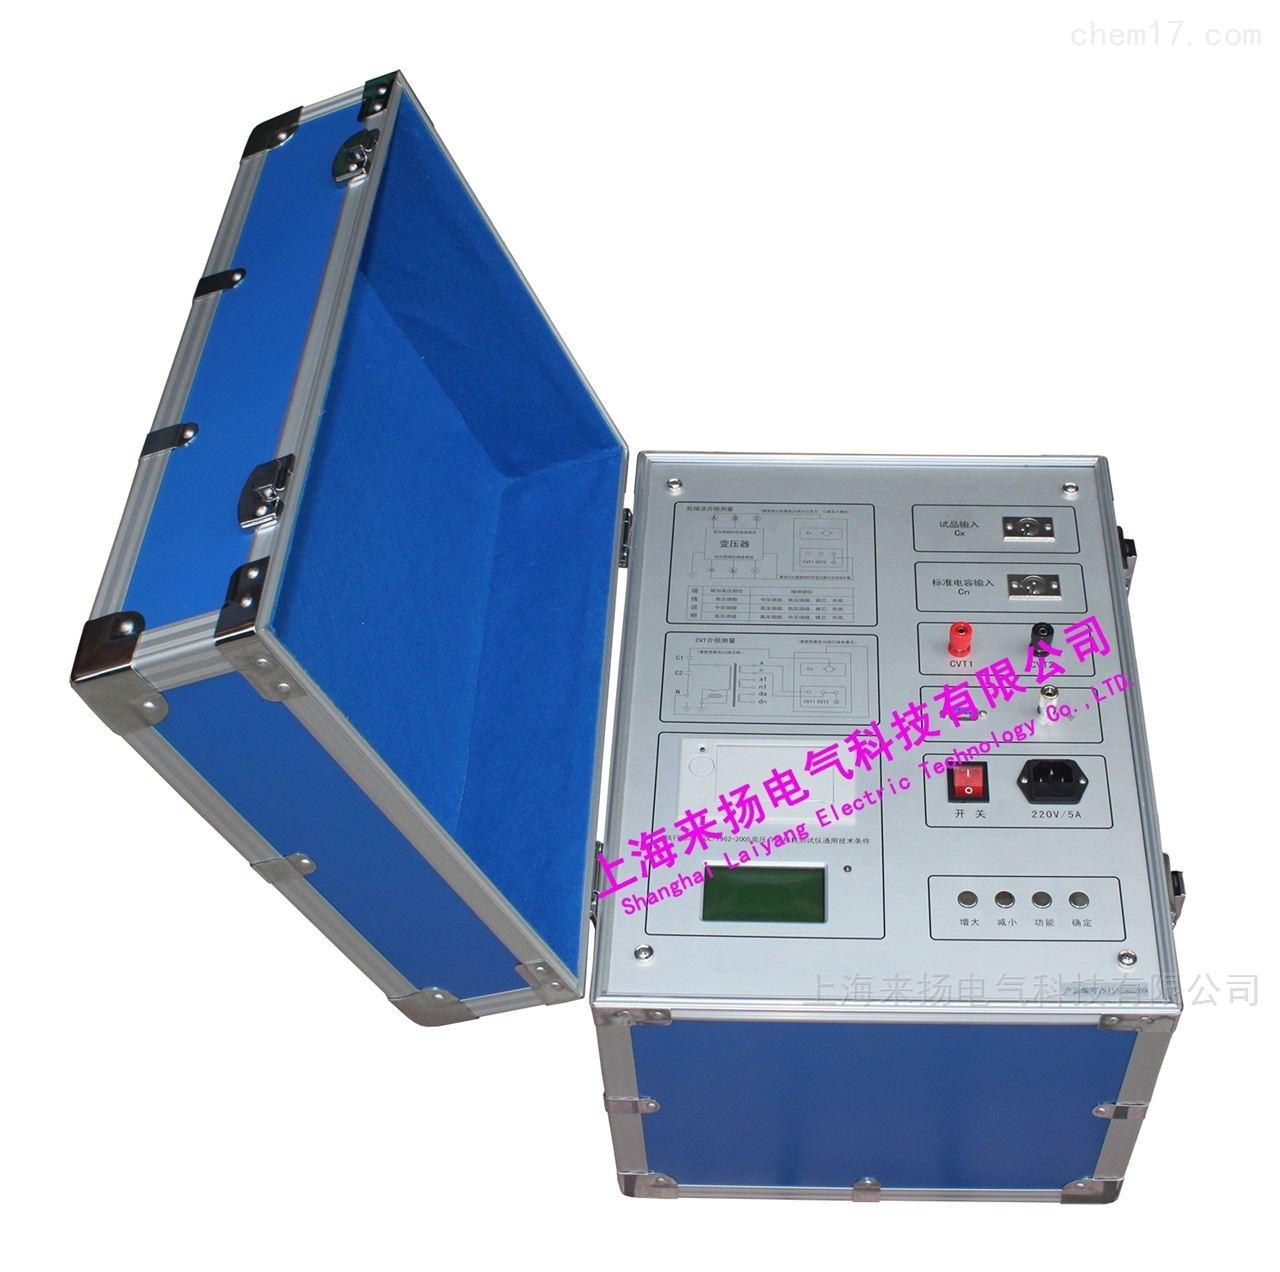 双变频介质损耗测量仪